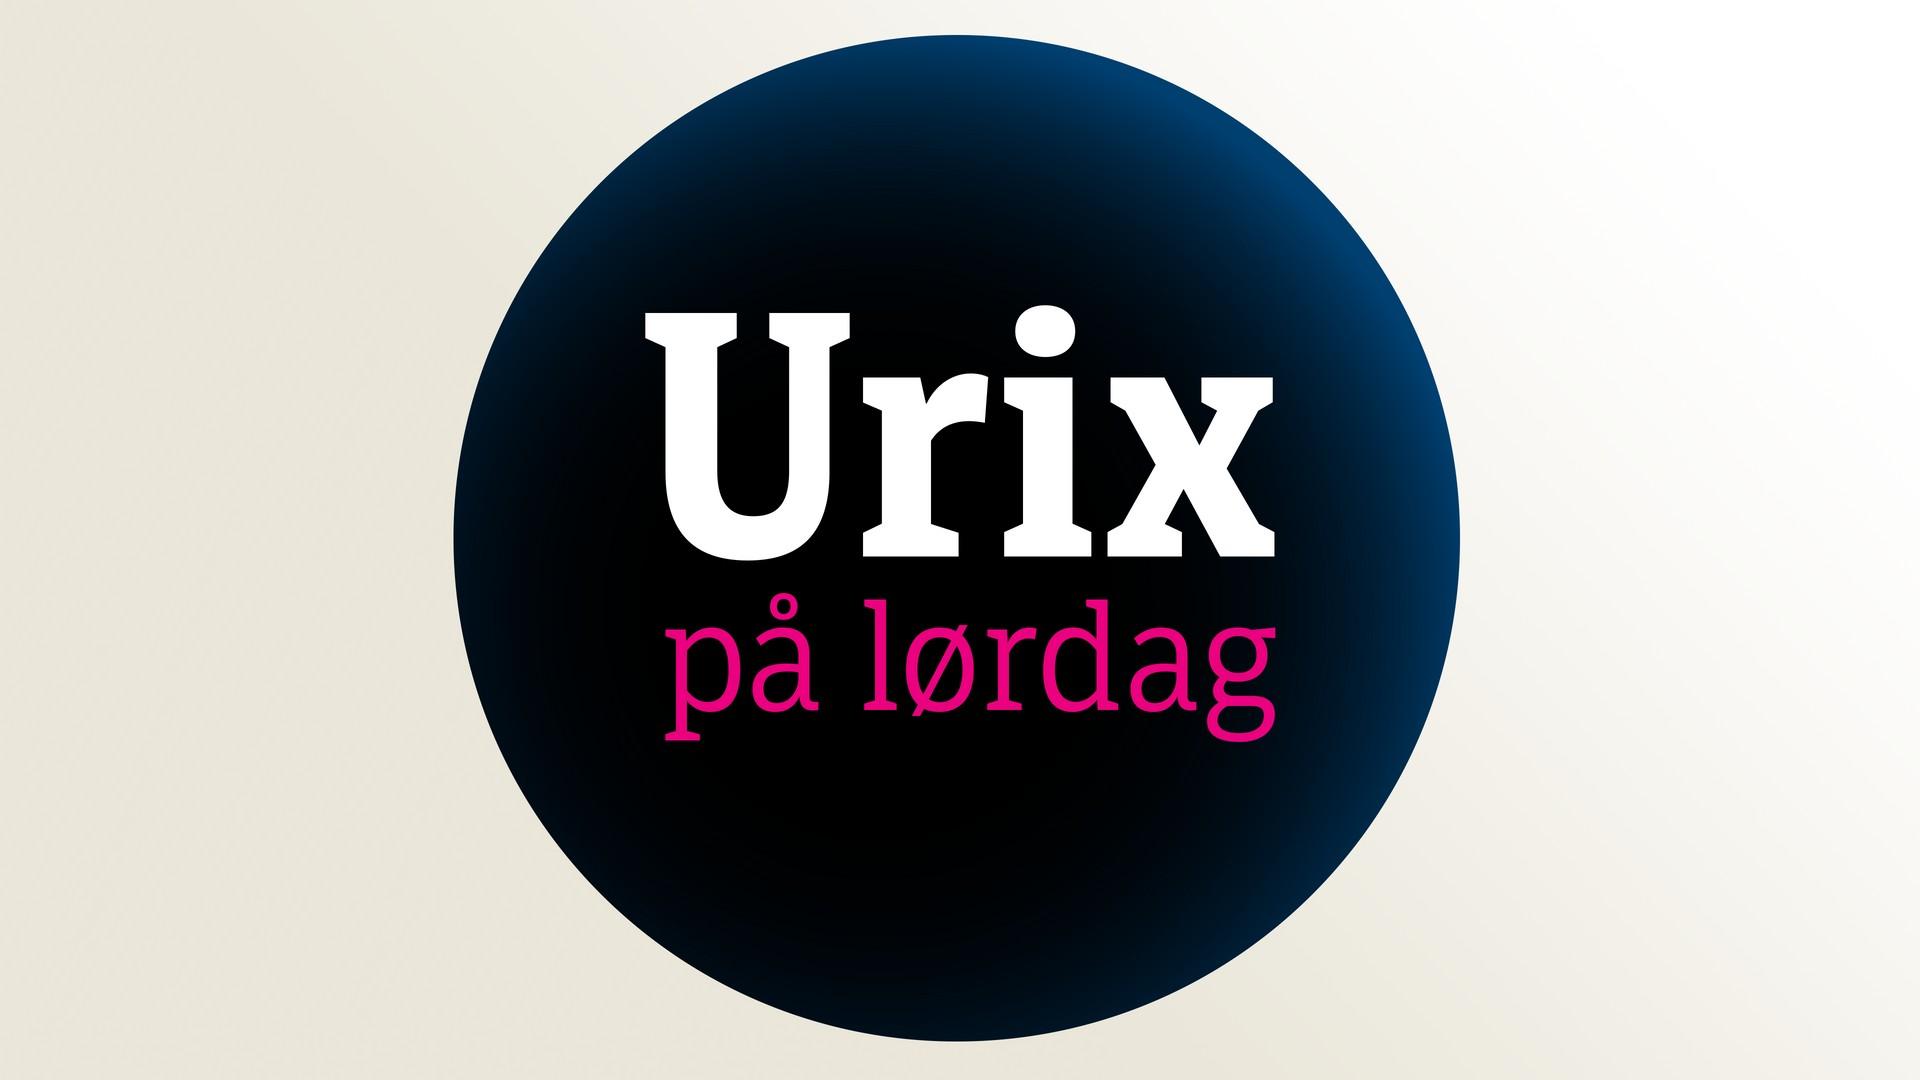 03.02.2018 Urix på lørdag